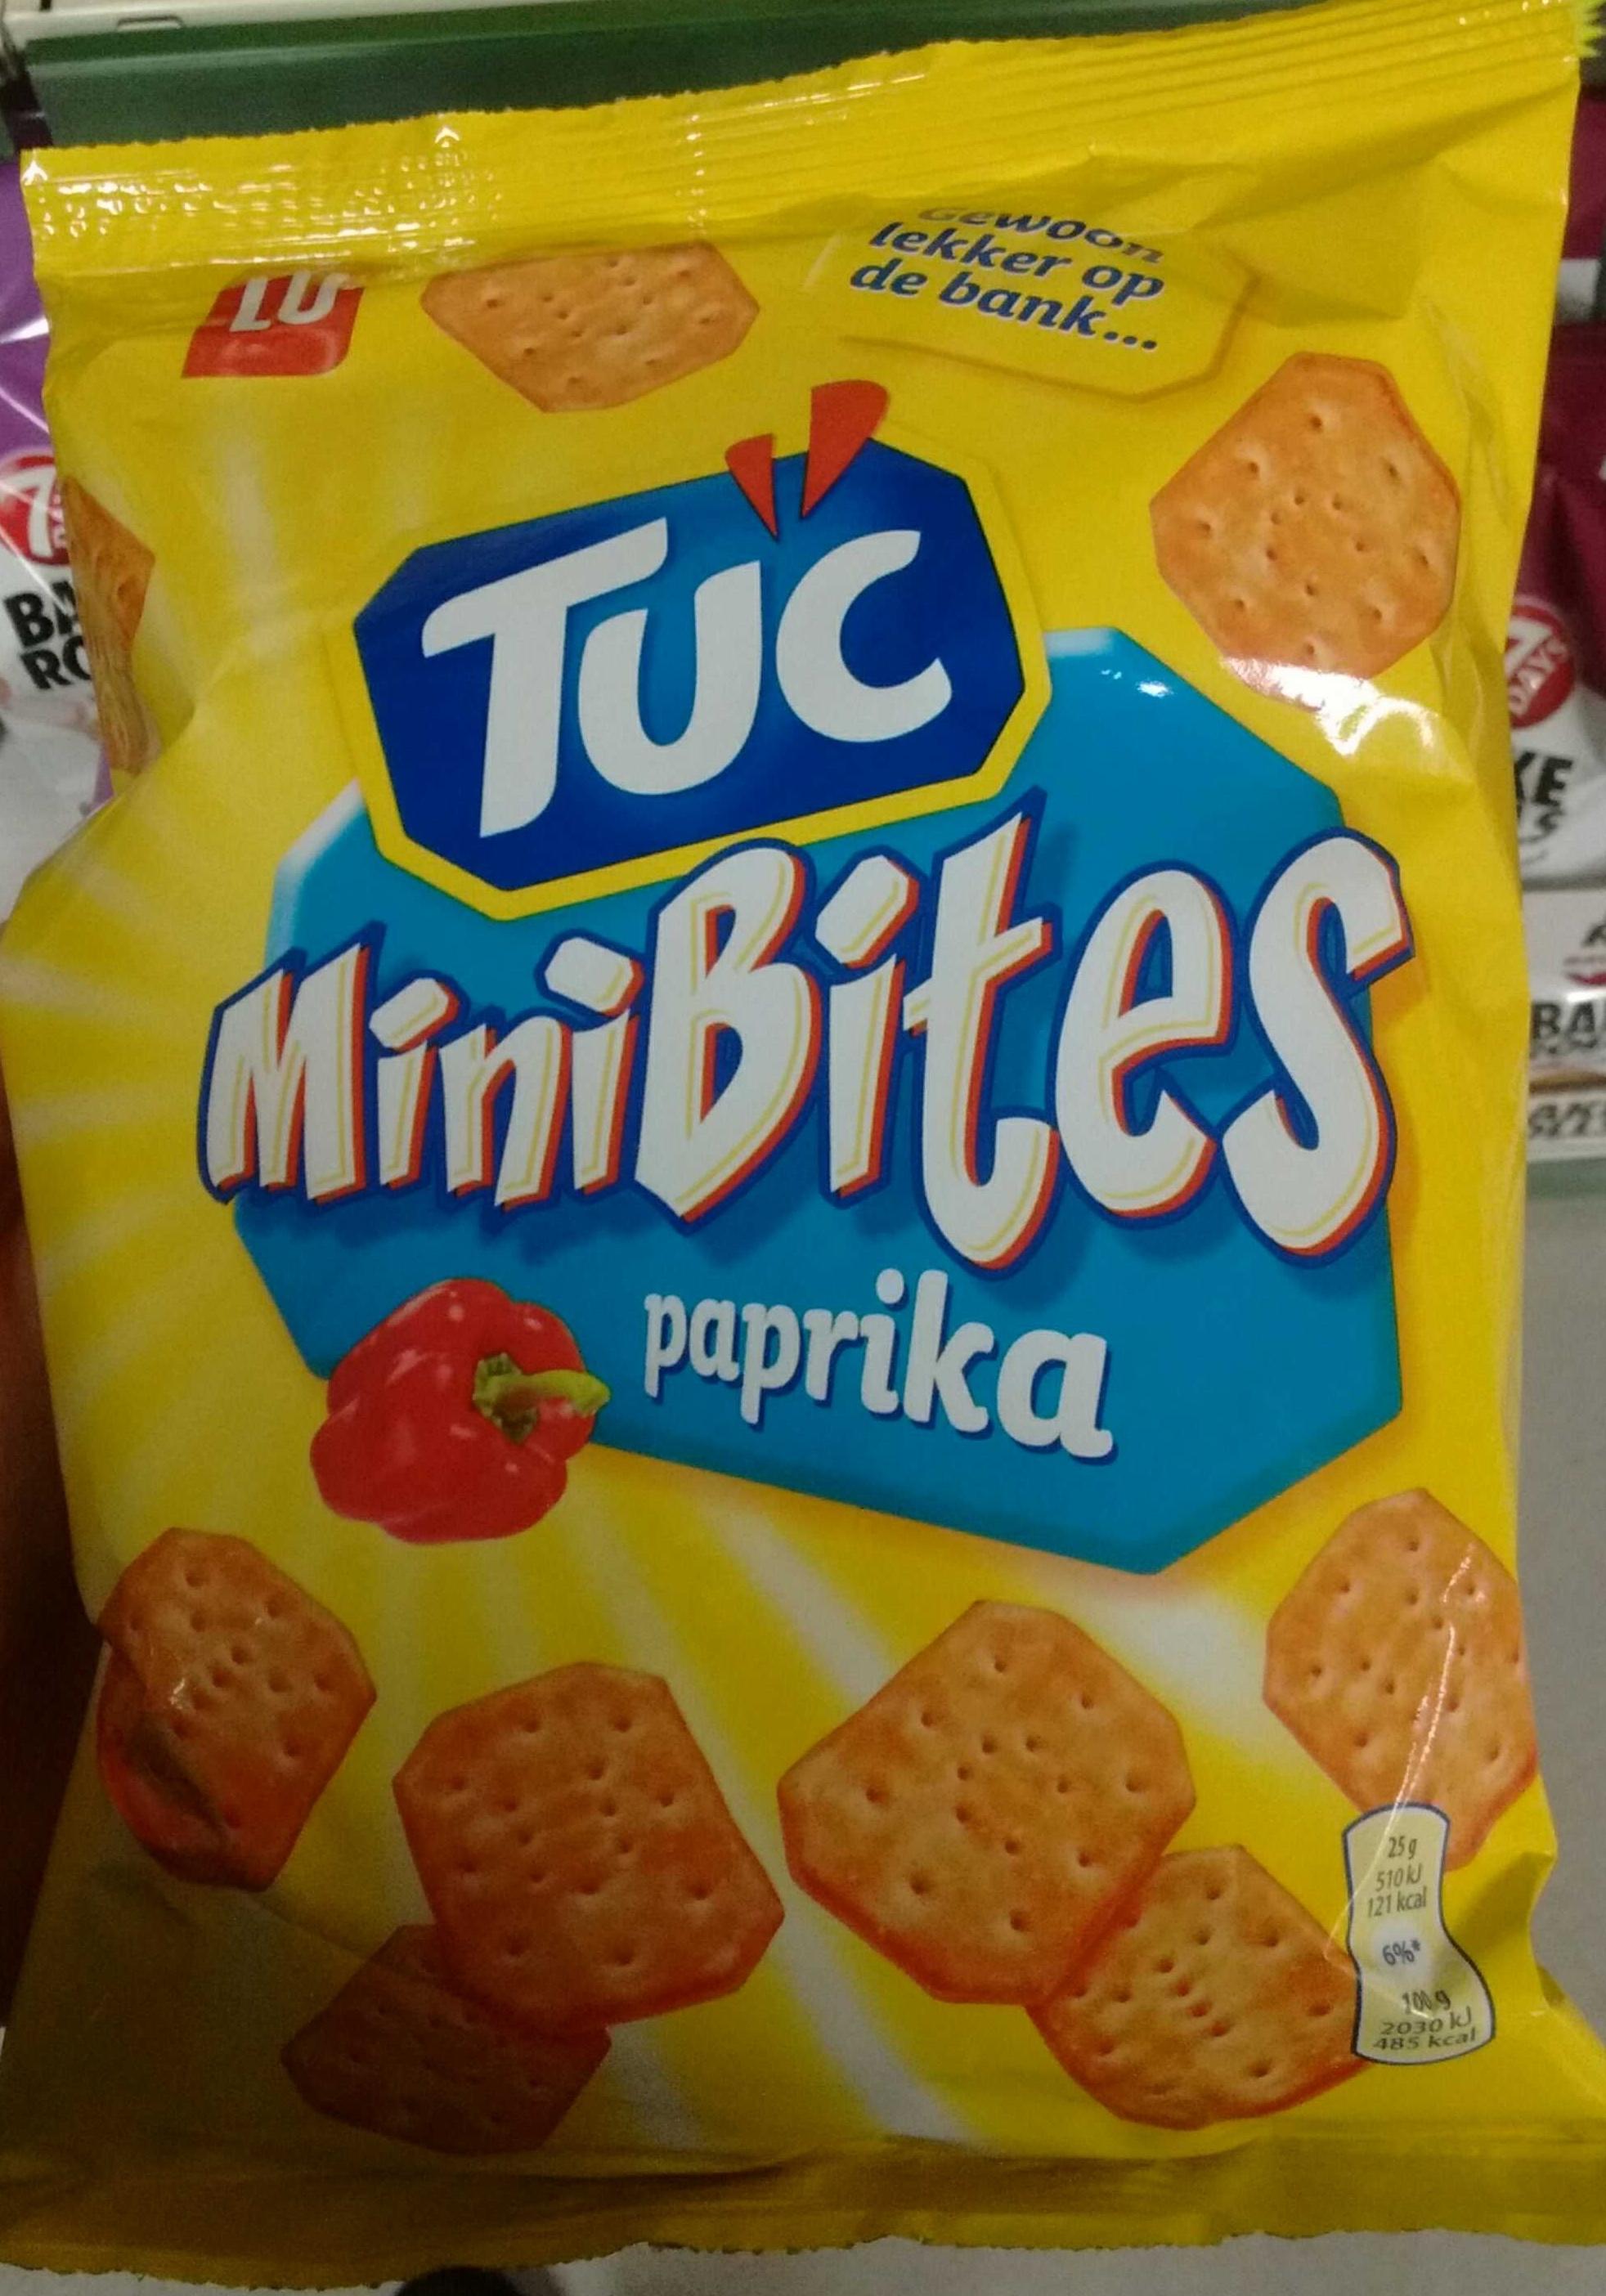 Mini Bites Paprika - Product - nl